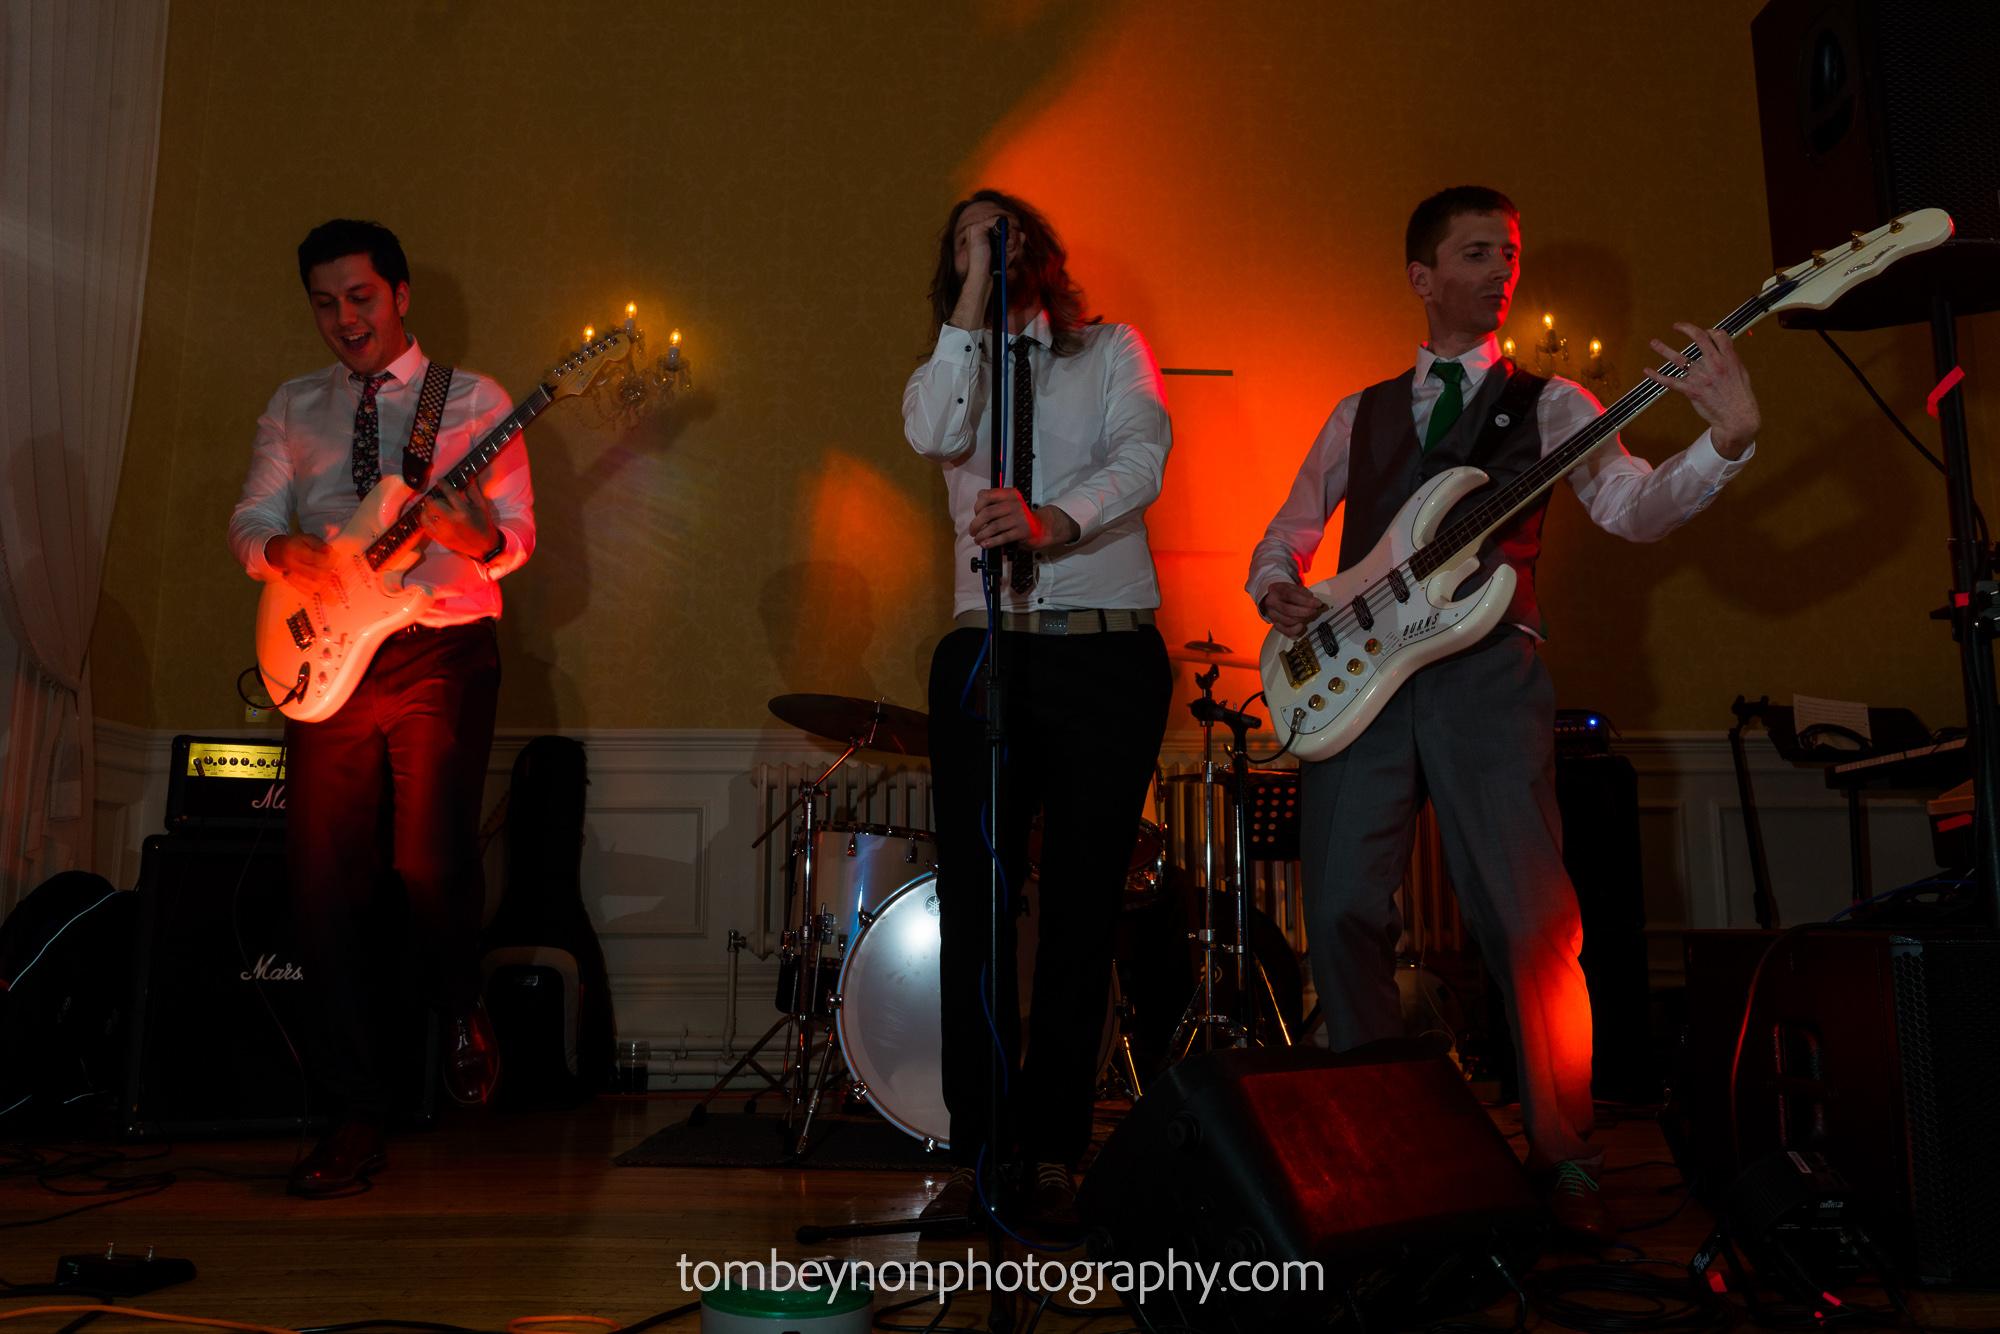 Groom's band play as set